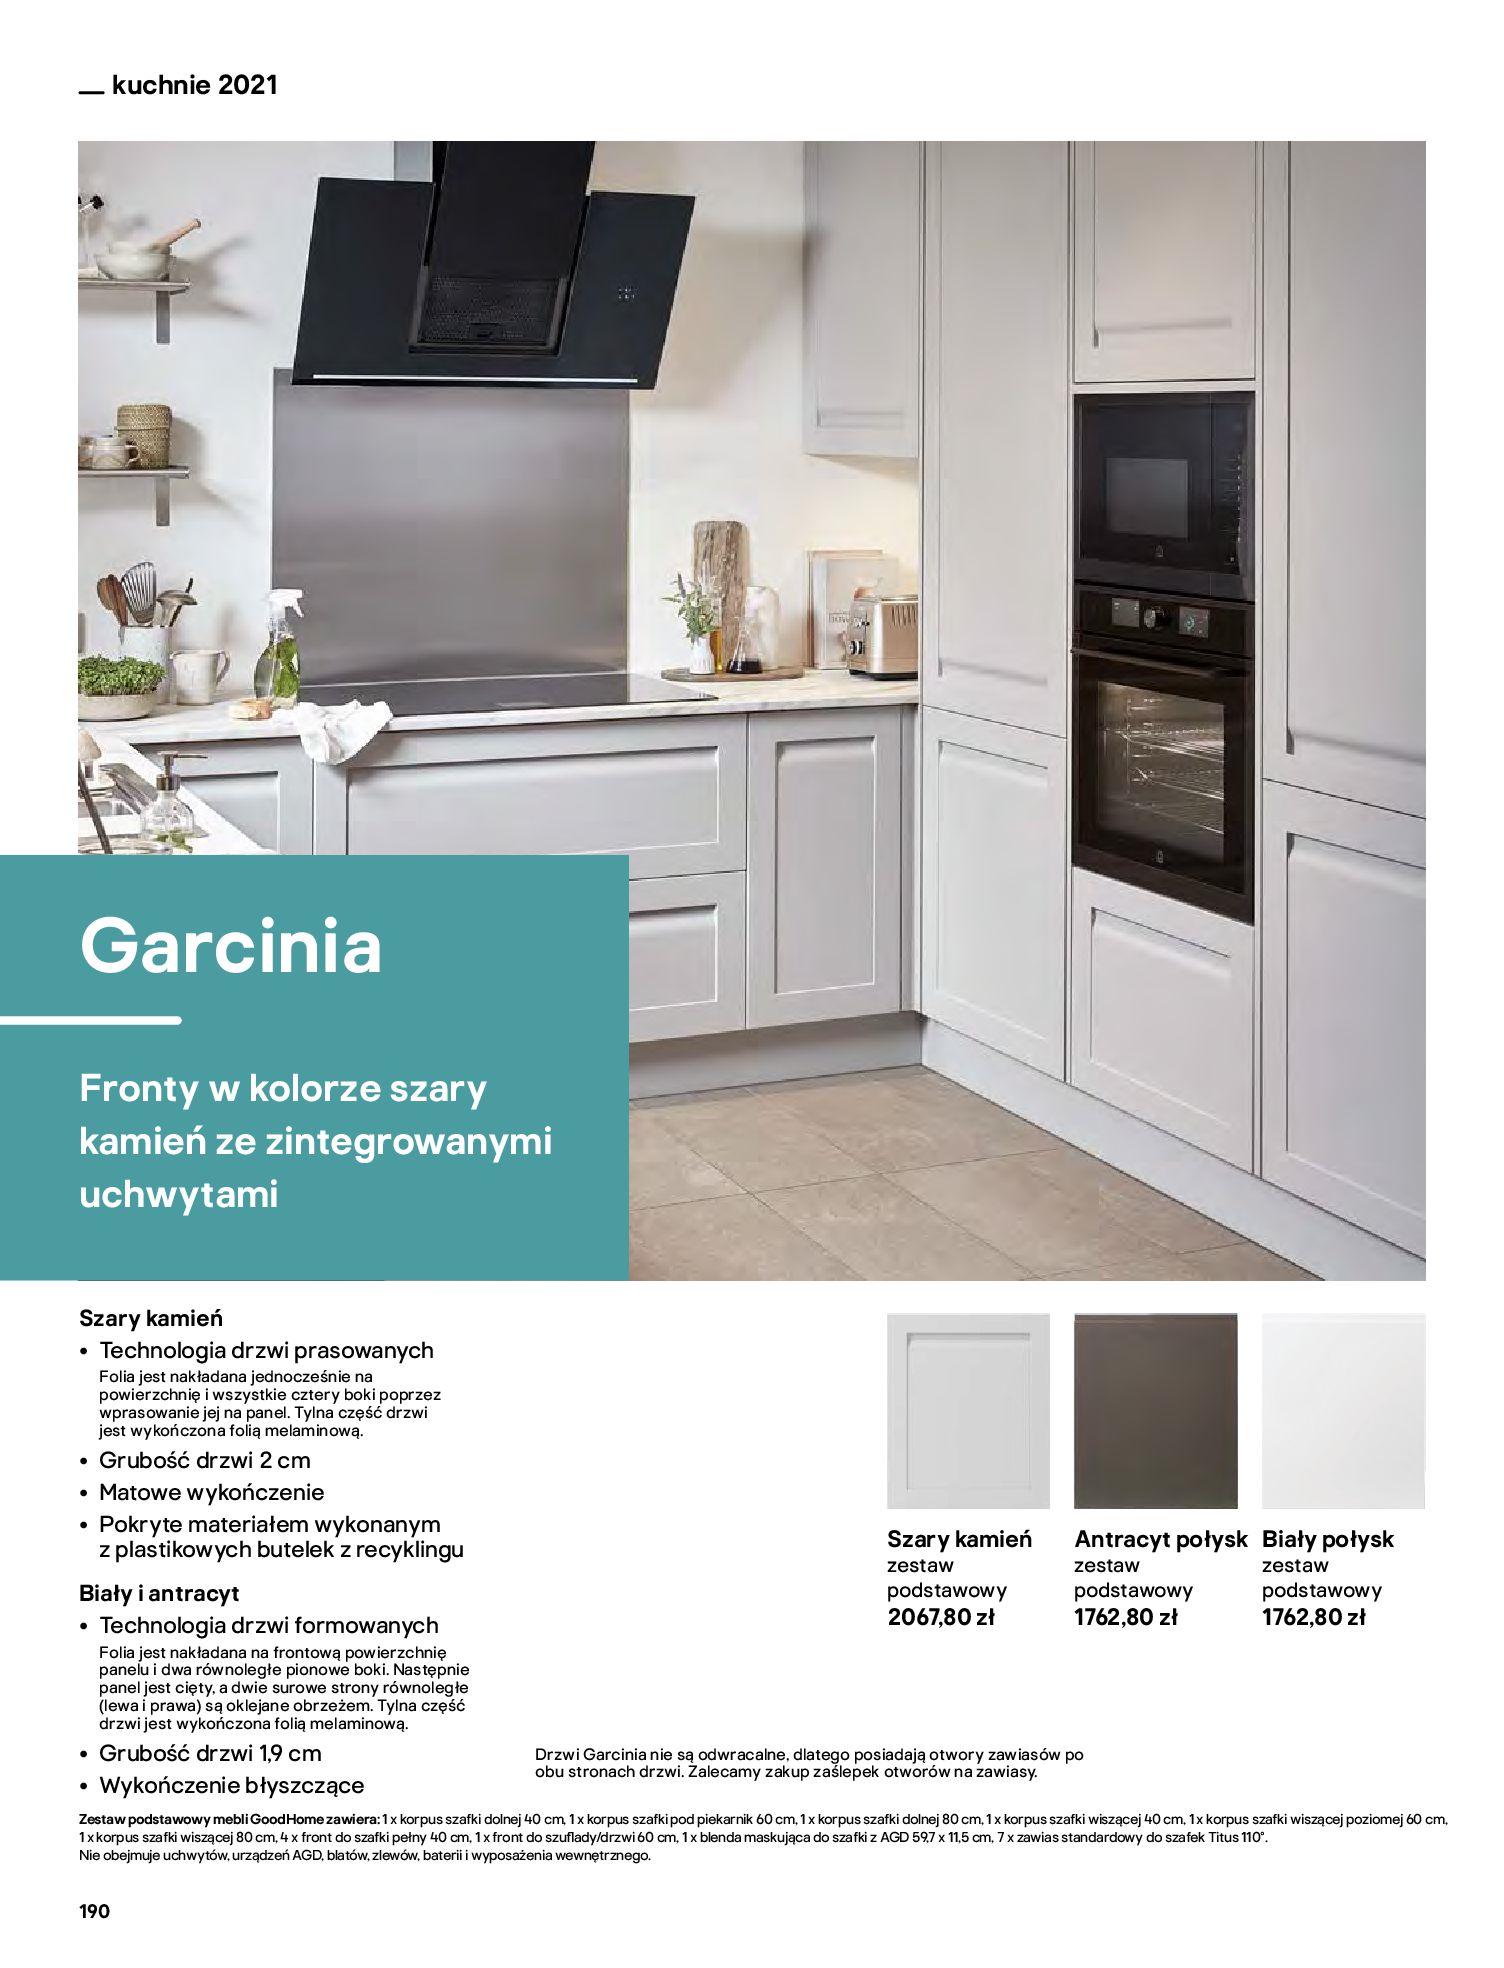 Gazetka Castorama: Katalog kuchnie 2021 2021-05-04 page-190